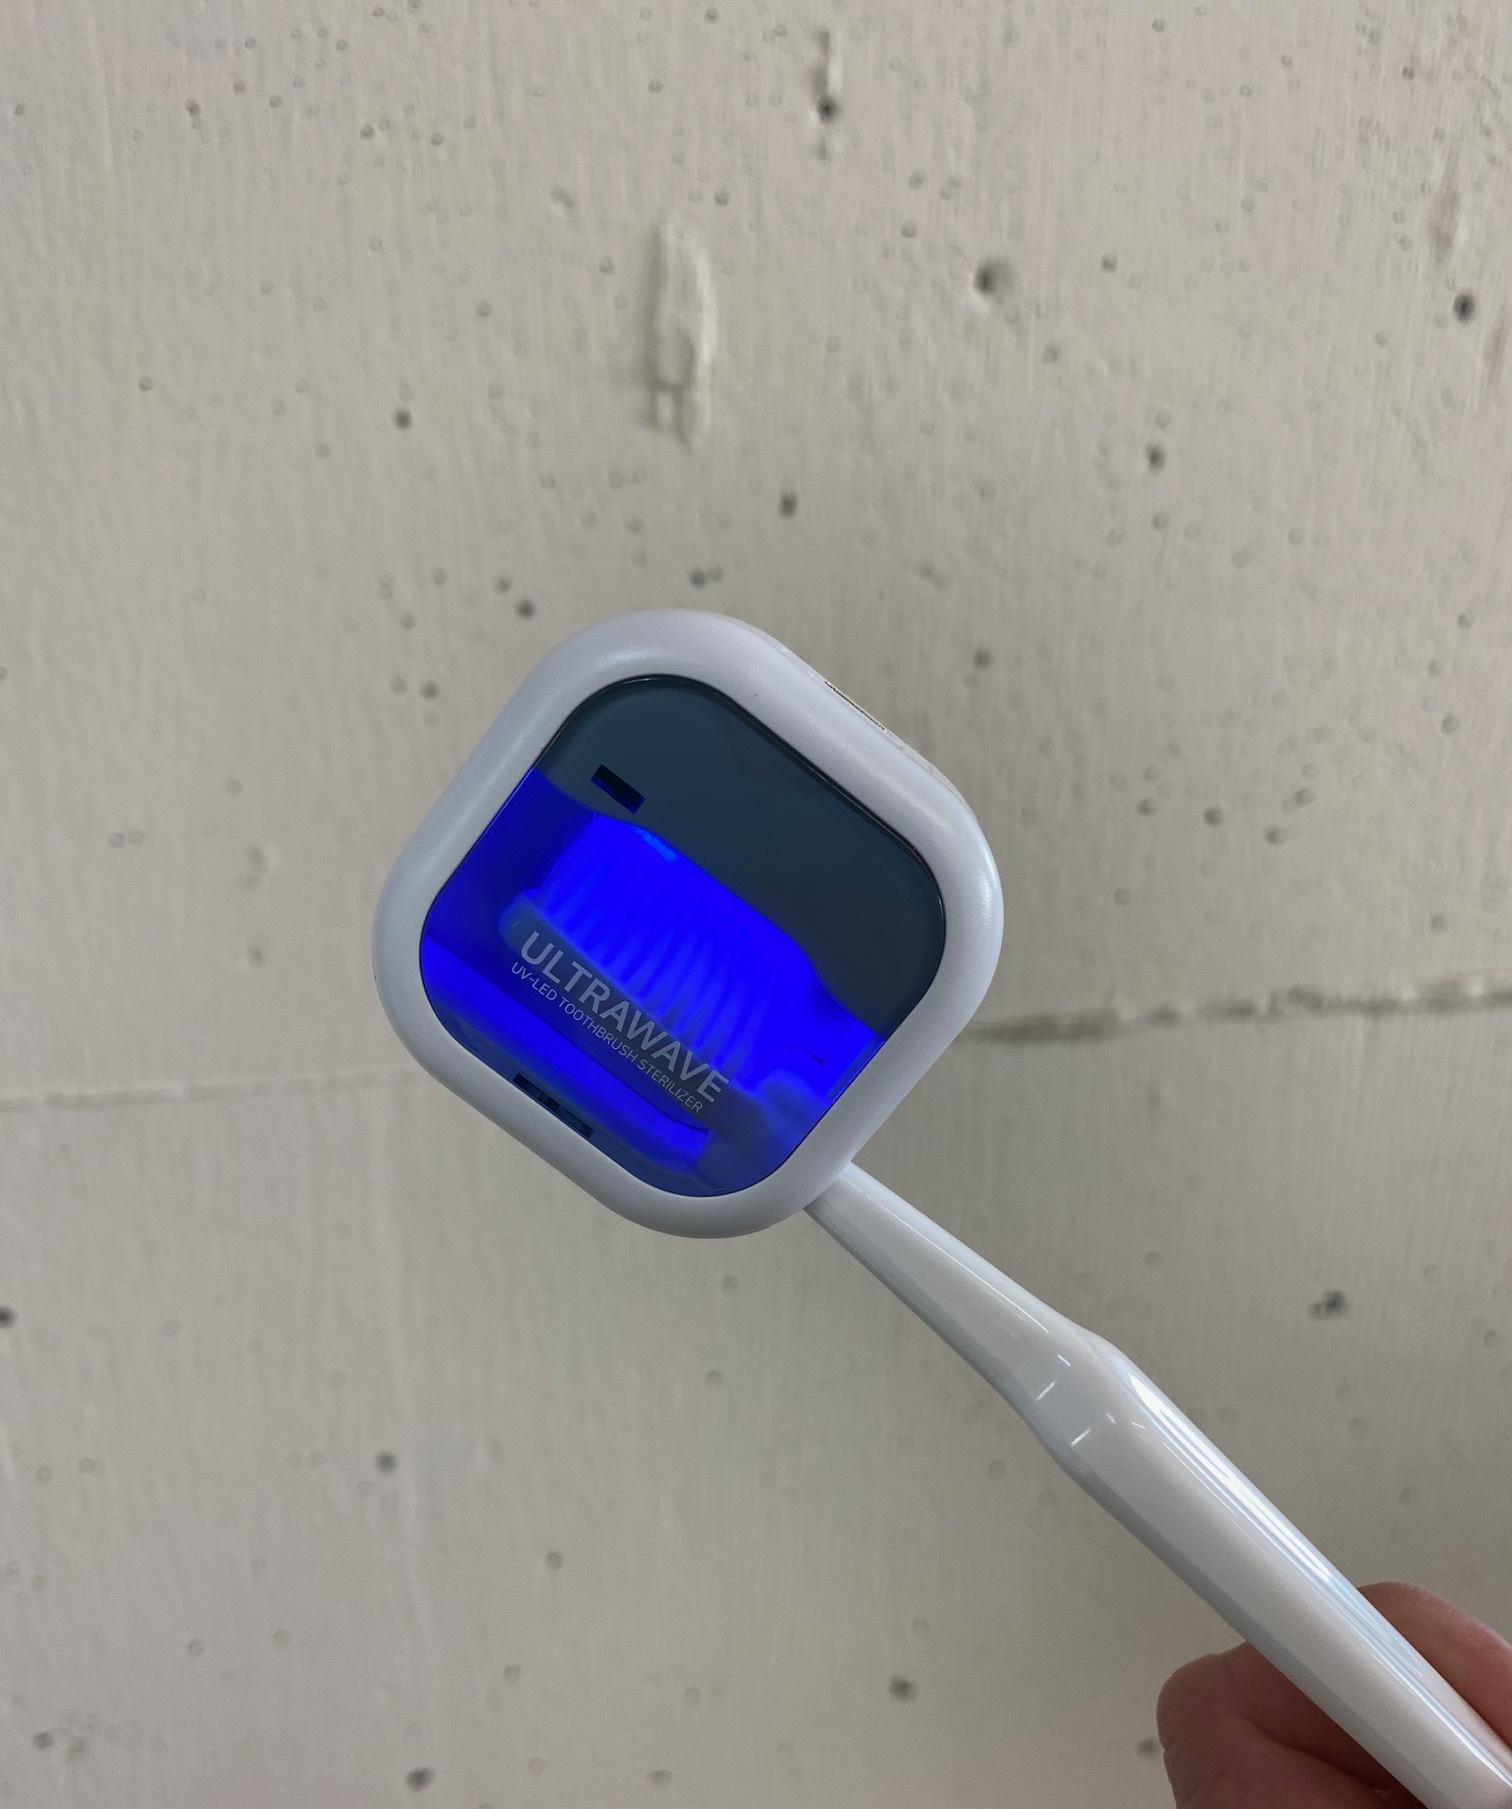 ウルトラウェーブ充電式歯ブラシ除菌キャップのご紹介_a0322418_14440766.jpg